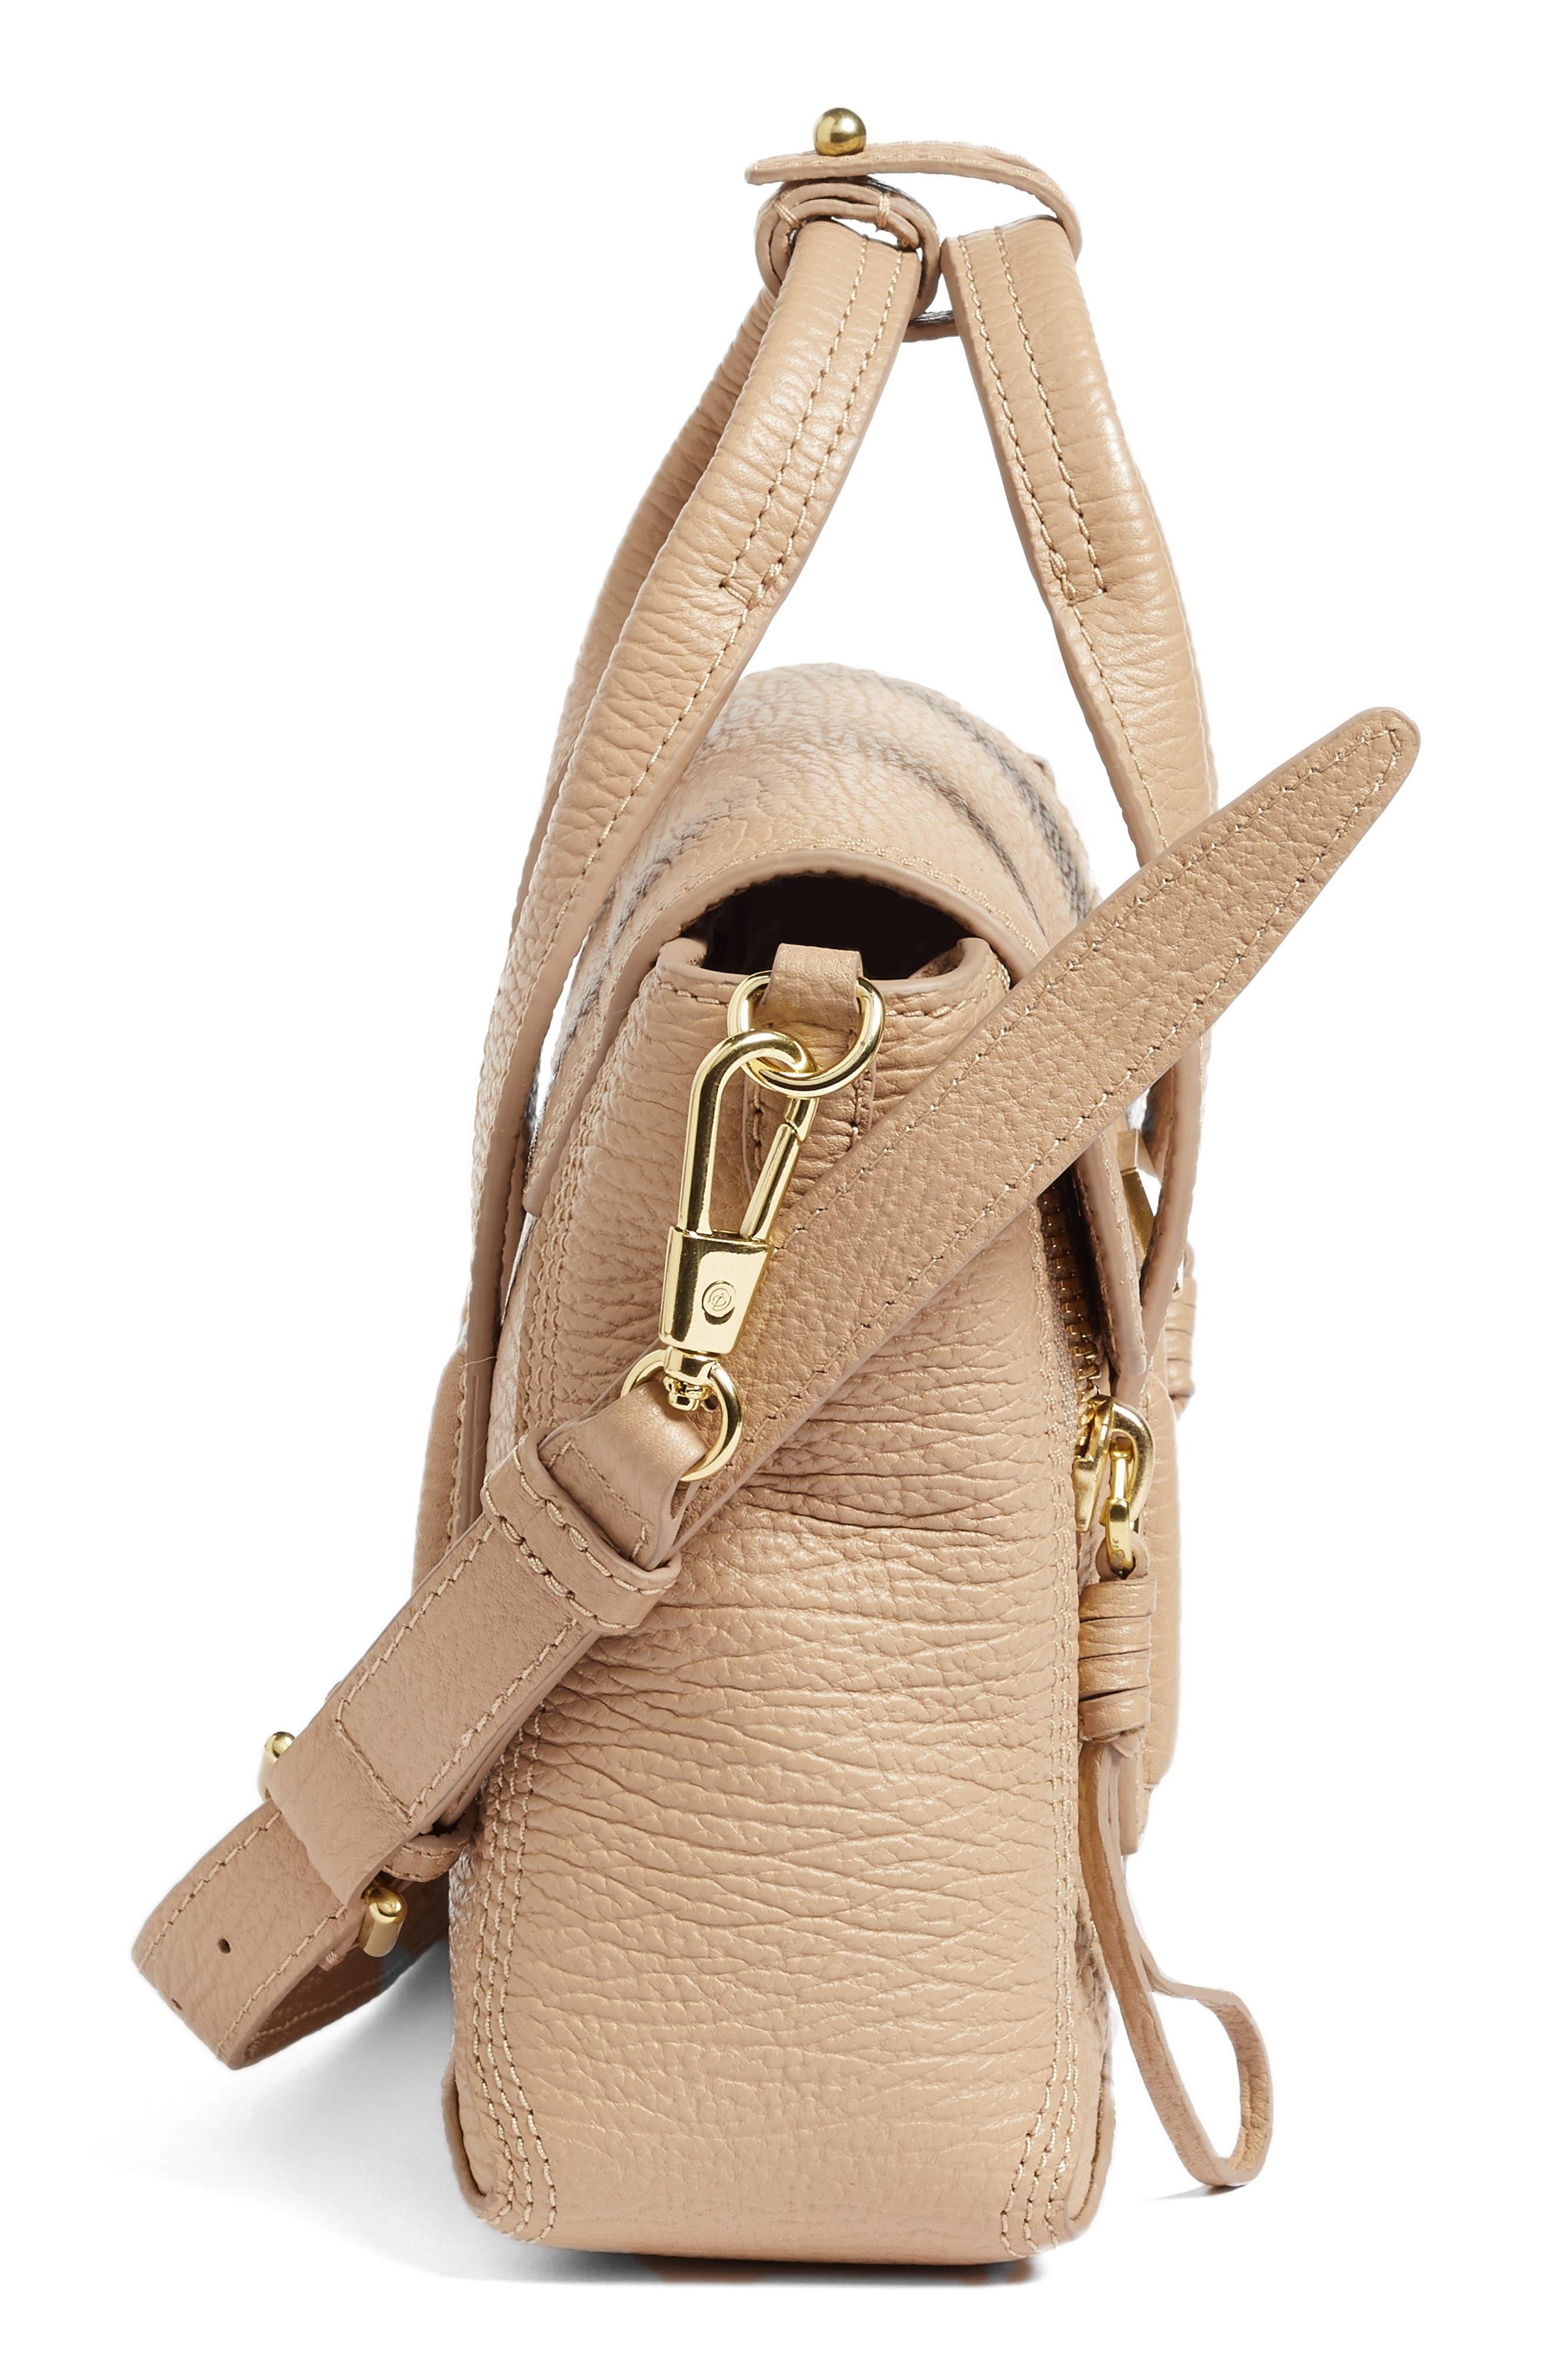 Mini Pashli Leather Satchel,                             Alternate thumbnail 5, color,                             Cashew/ Gold